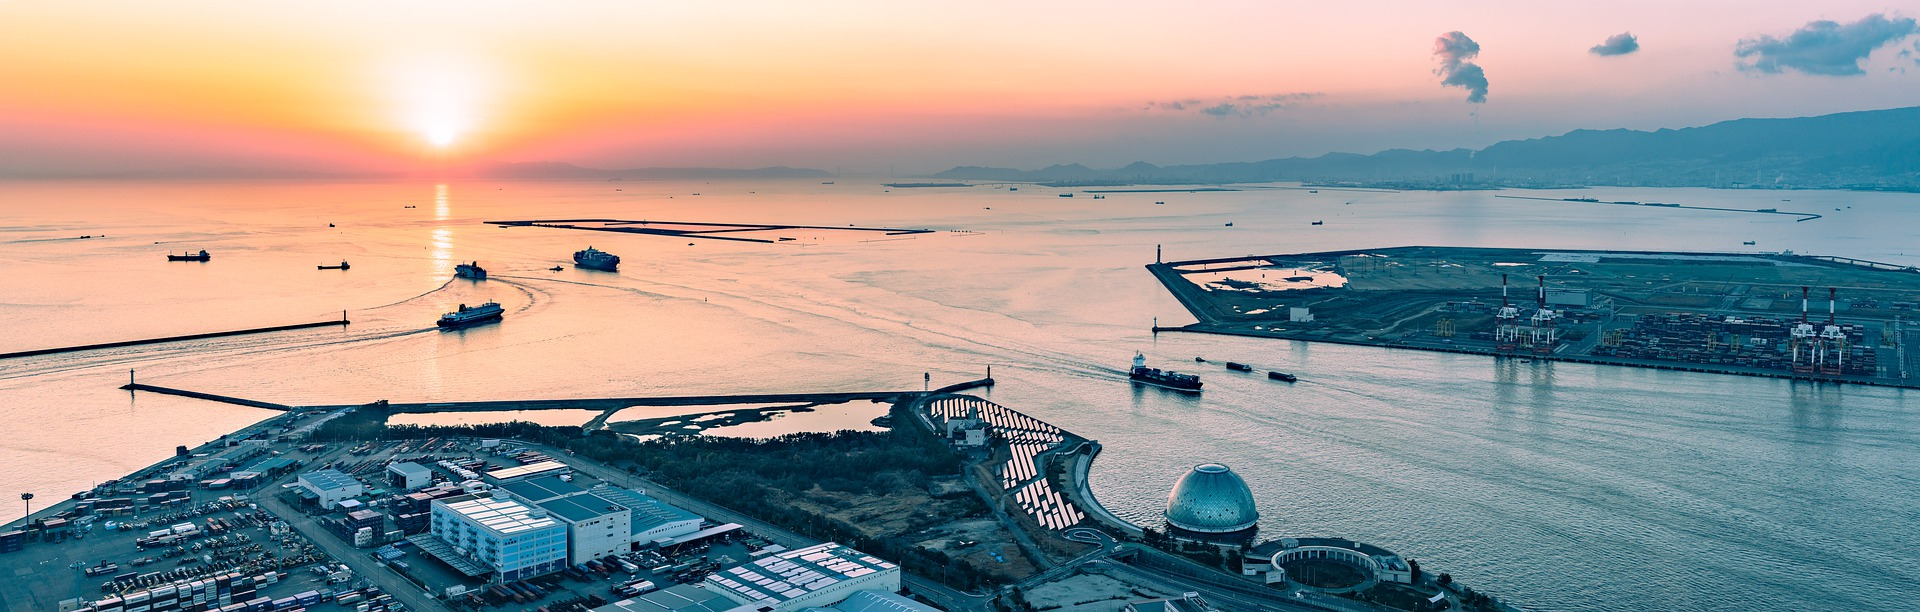 Umweltfreundlich Reisen: Schiffe und Fähren mit LNG